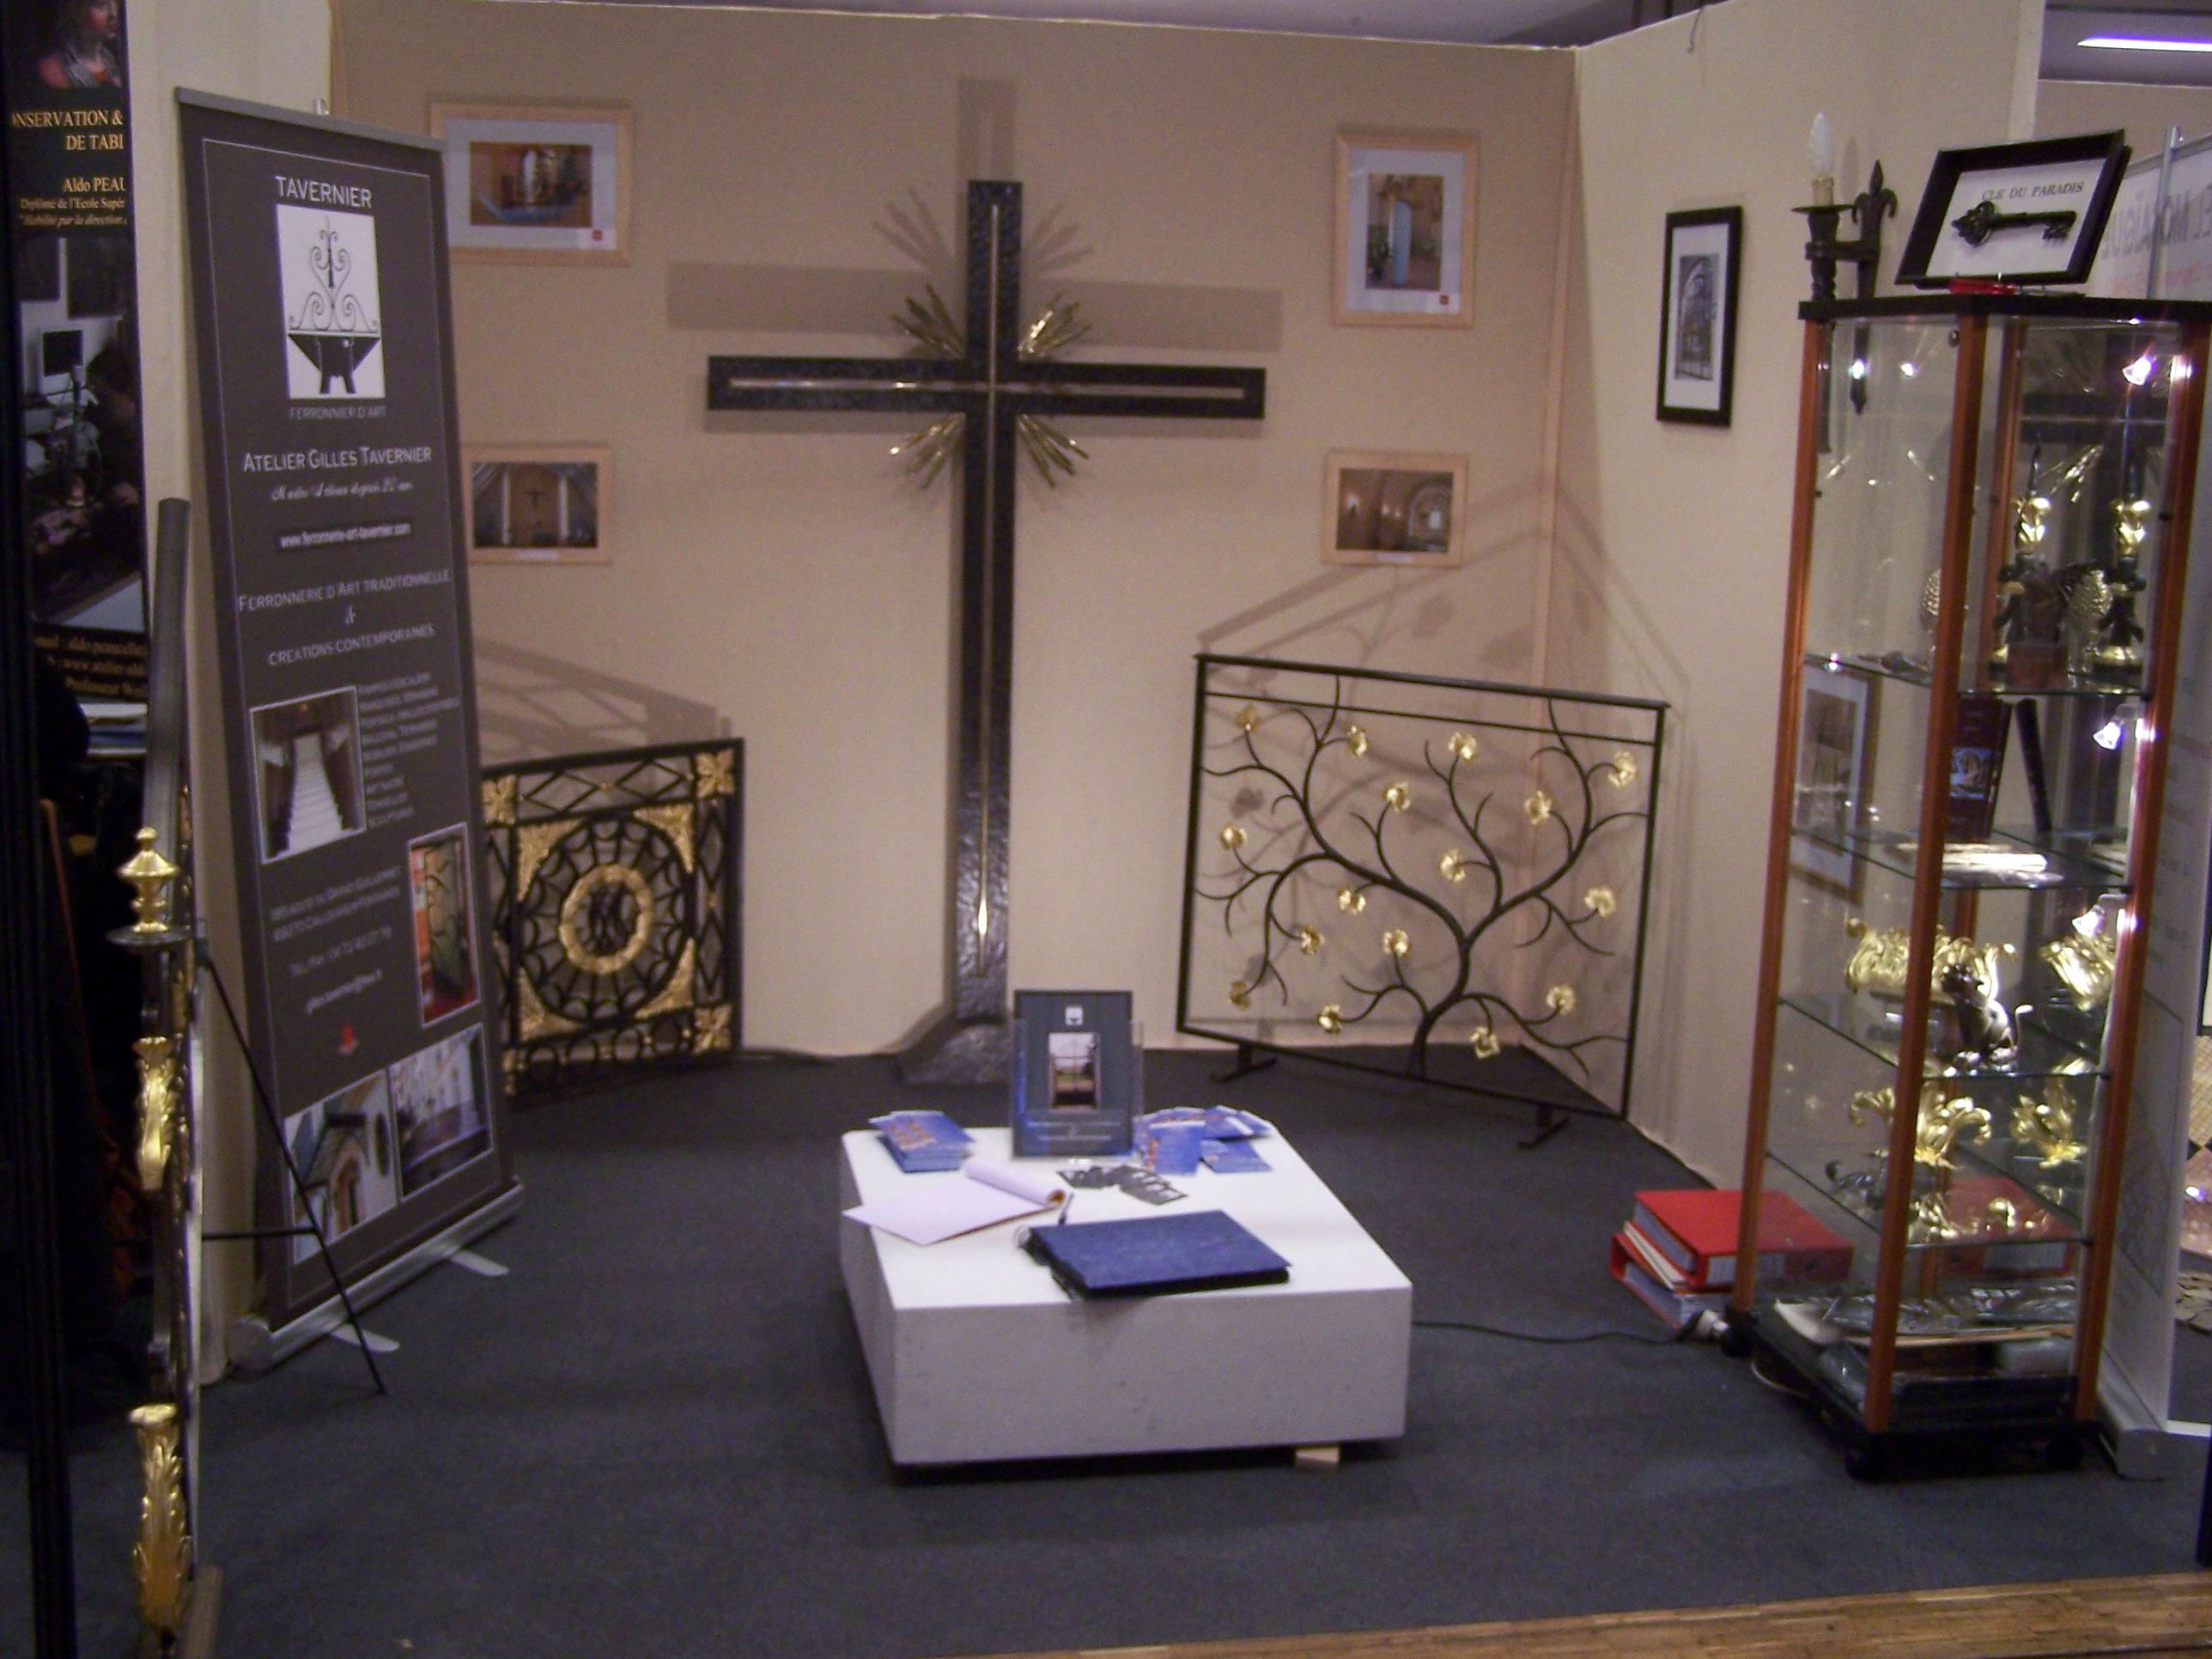 salon du Patrimoine Paris 2009